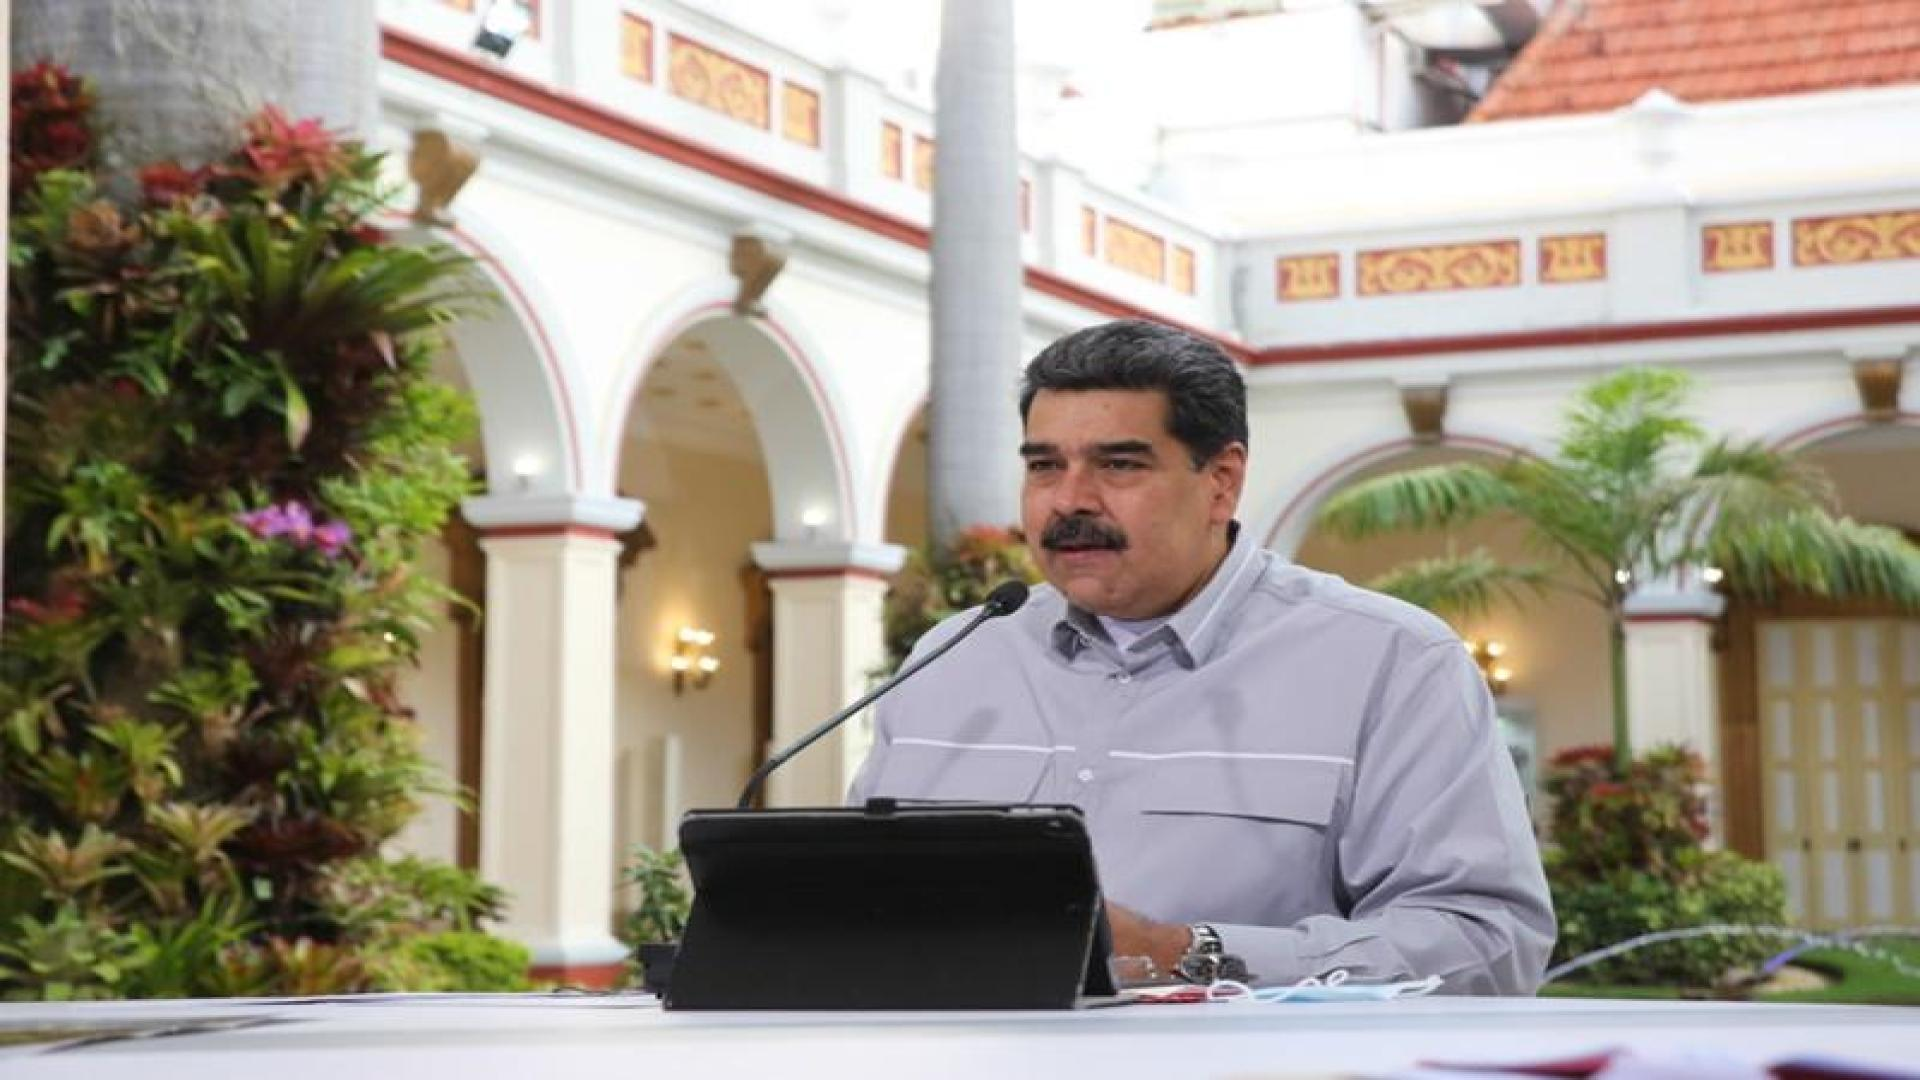 Maduro cambia el nombre de la autopista Francisco Fajardo por Cacique Guaicaipuro